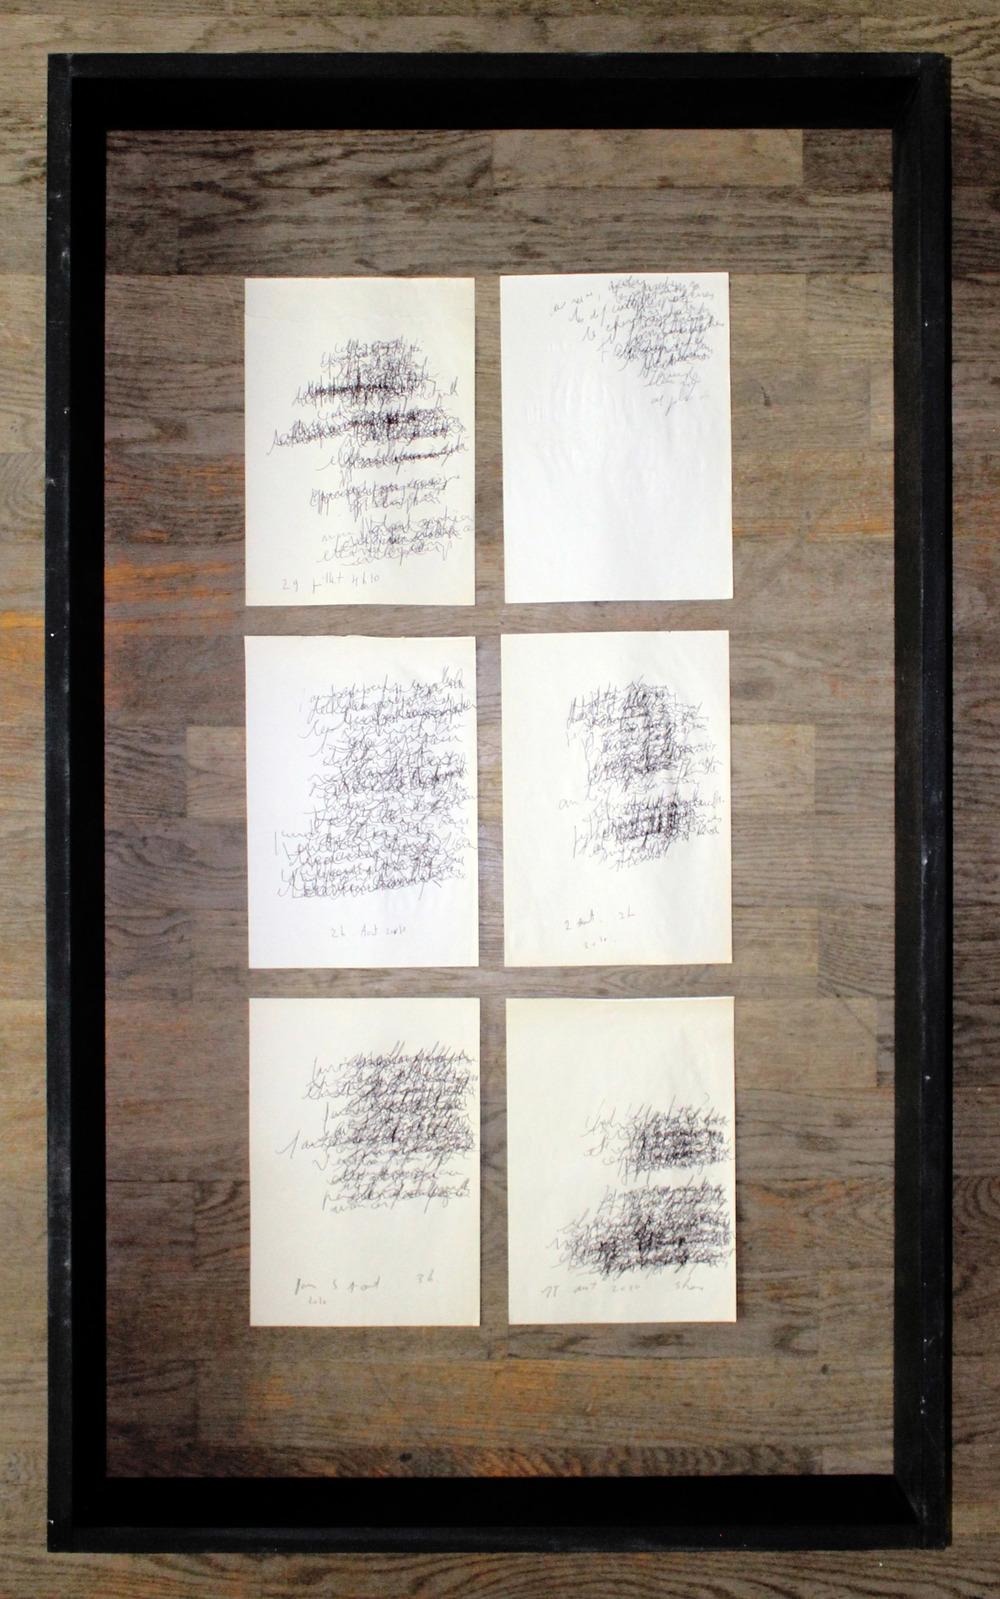 Couché sur le papier, vague 2, 2010